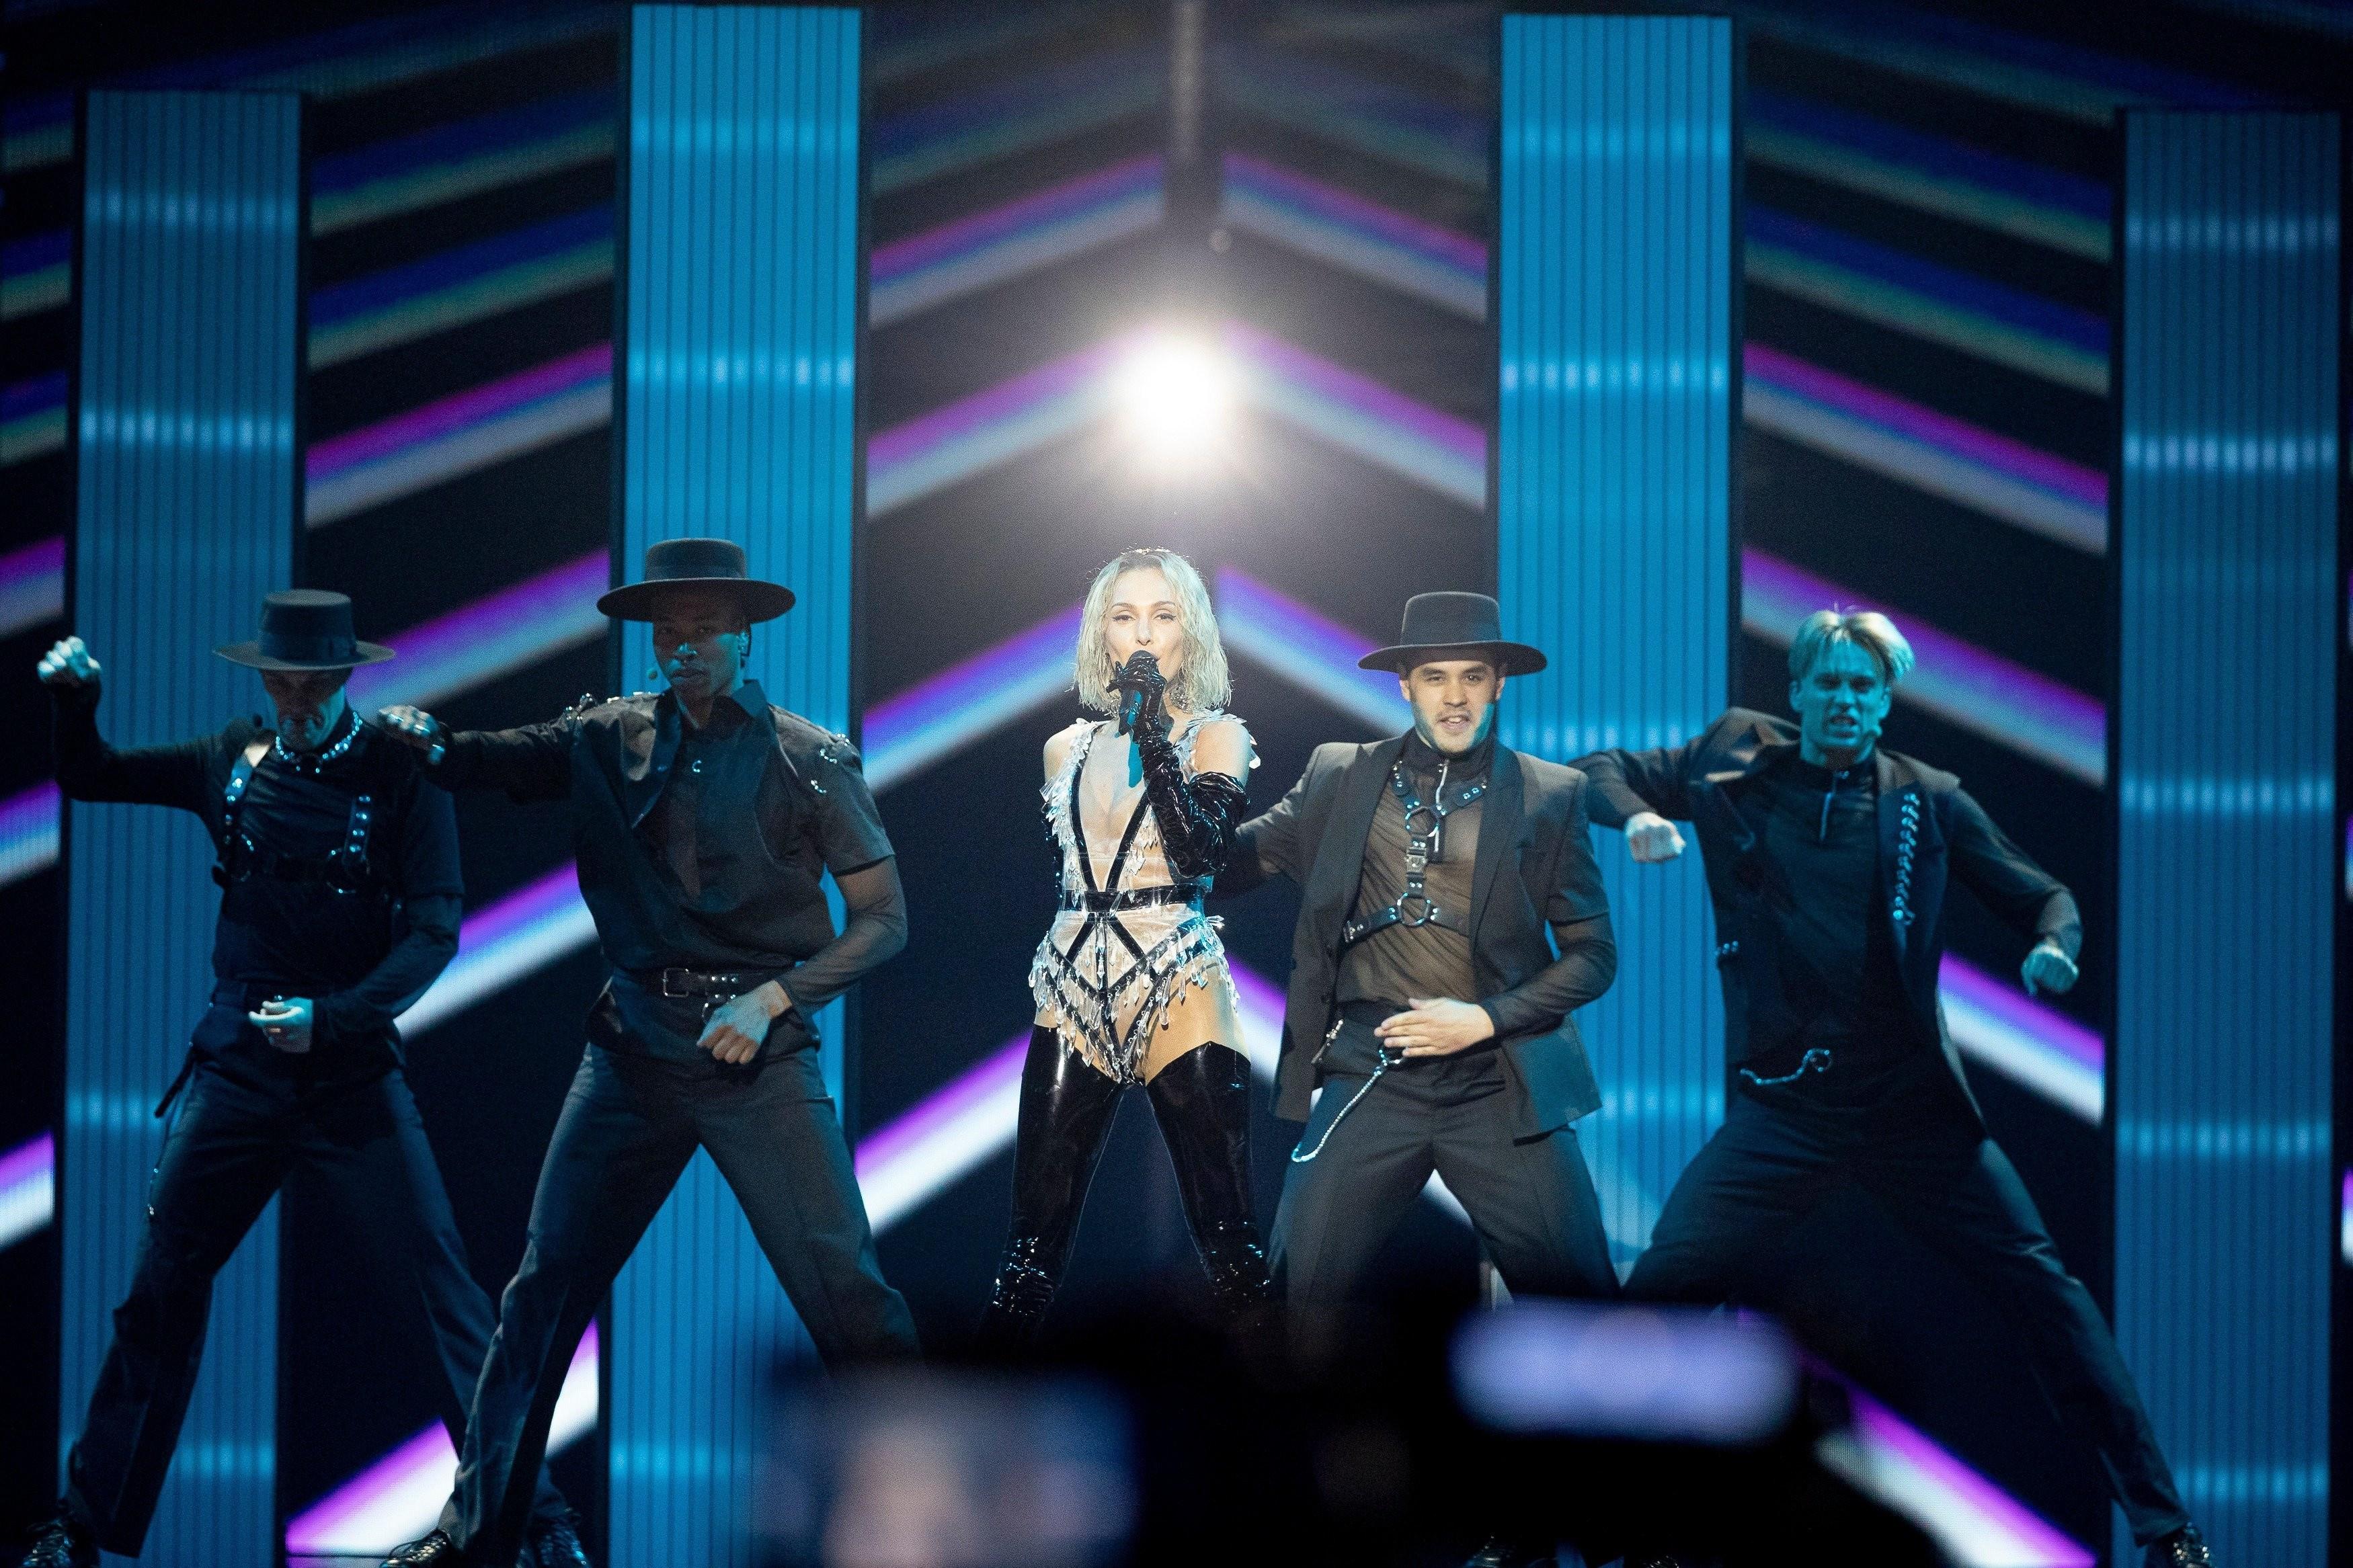 Ποιες χώρες θα συμμετέχουν στον 1ο ημιτελικό της Eurovision 2019;